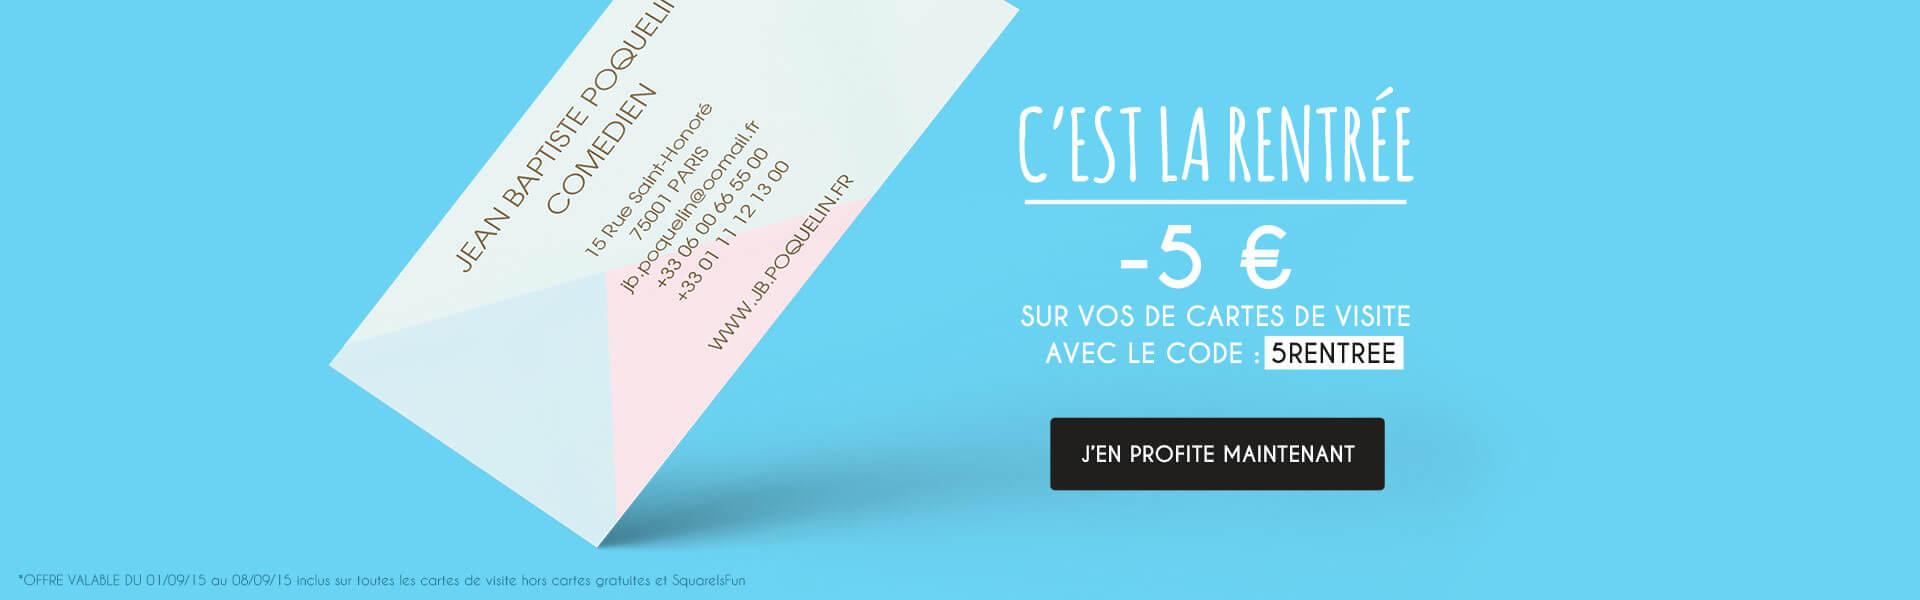 5 euros de réduction pour les cartes de visite